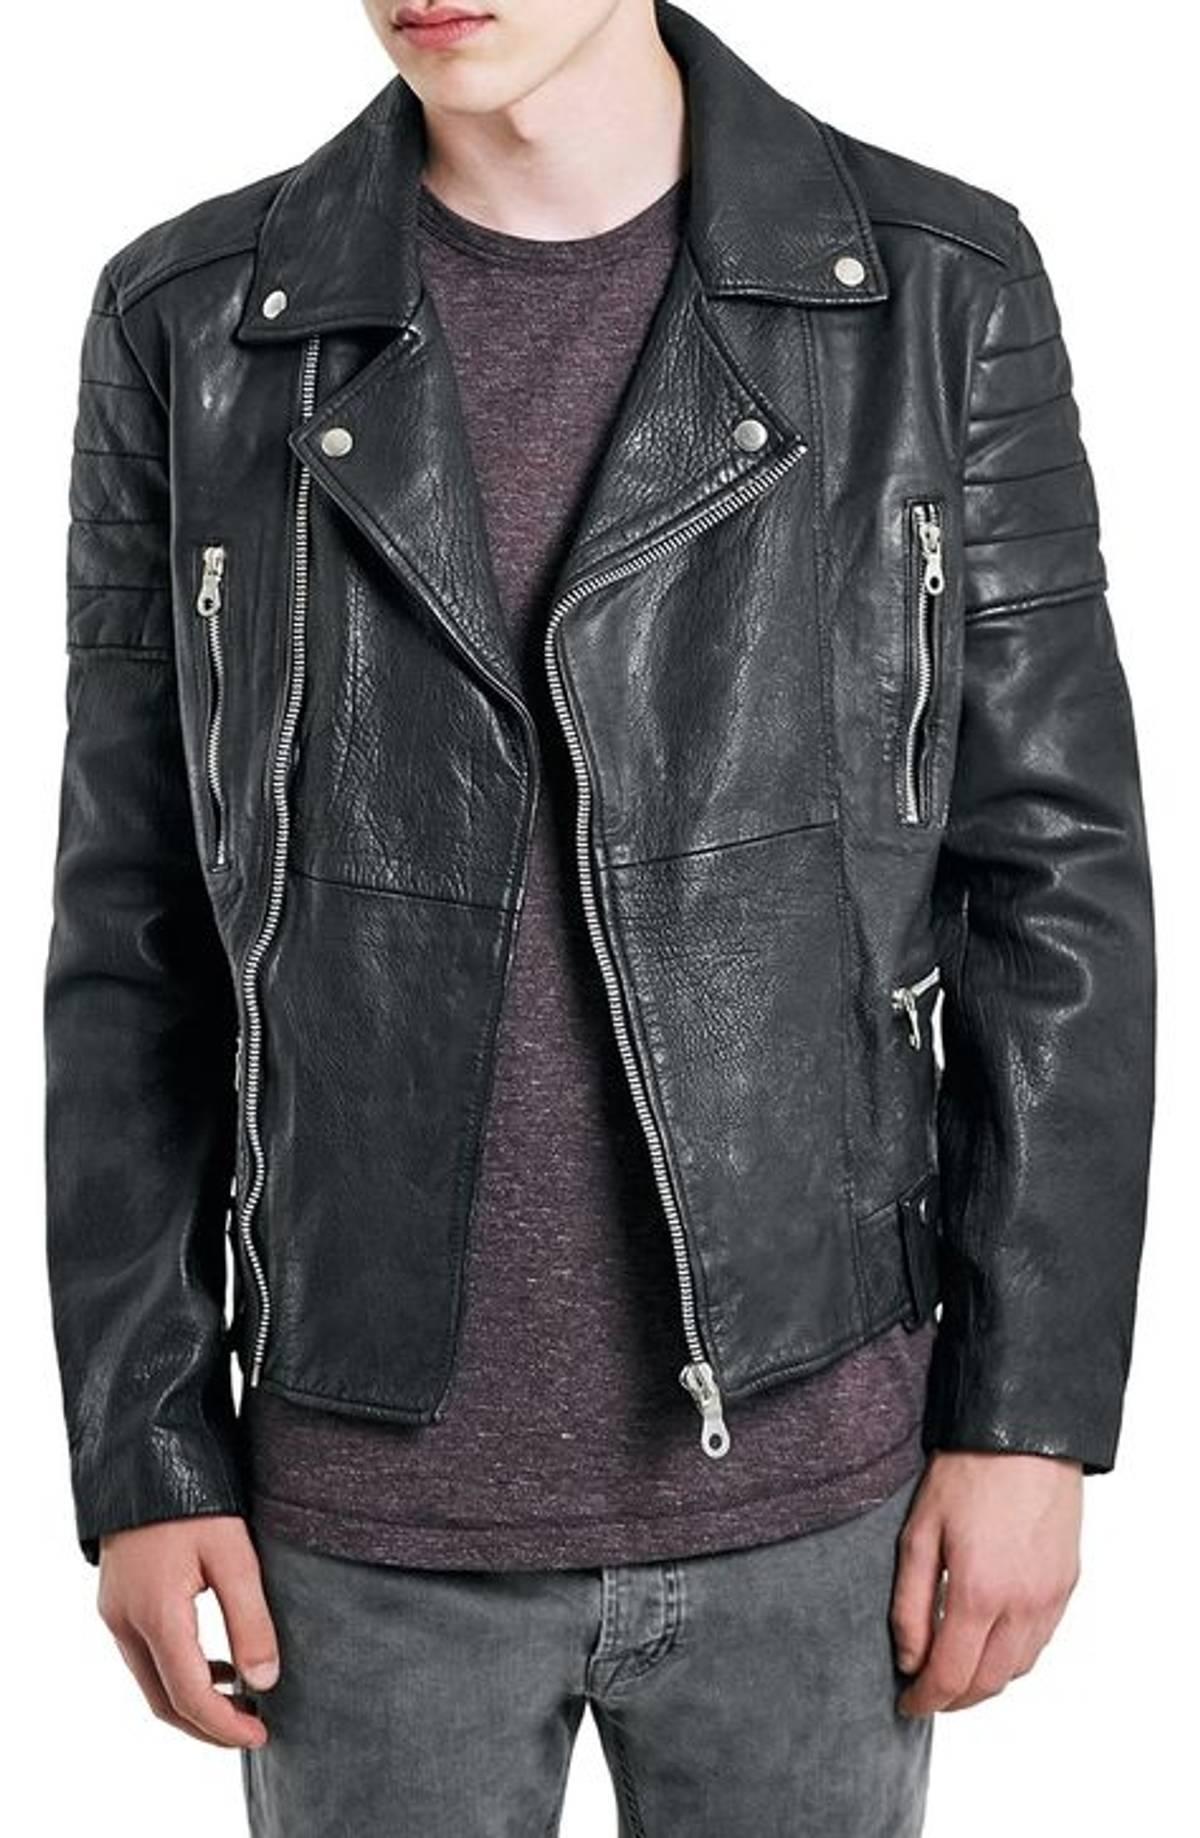 d24152691 Topman Topman Genuine Leather Bike Jacket Size S $105